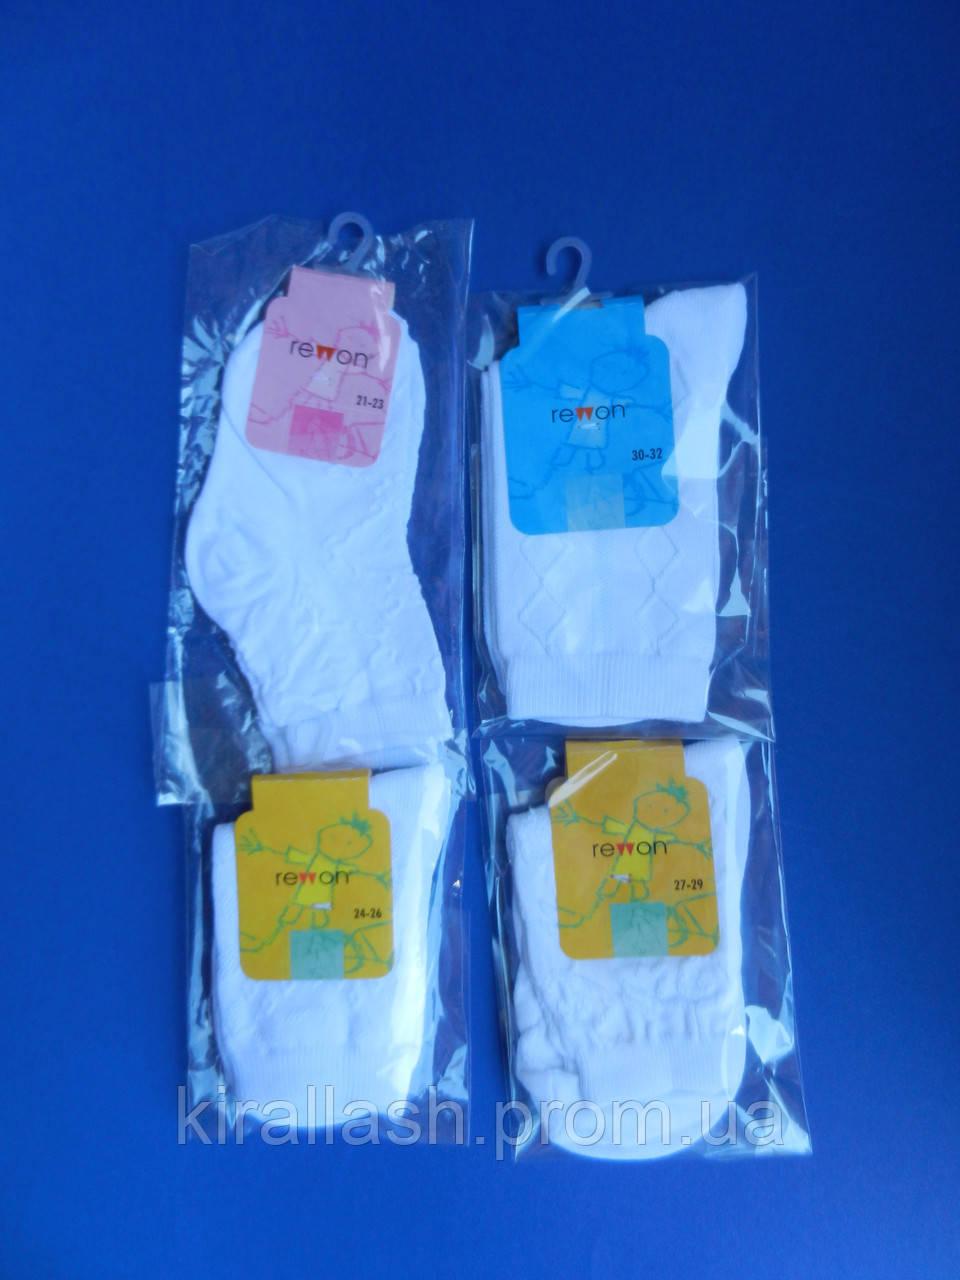 """Шкарпетки (33-35, 21-22 см) АЖУРНІ """"Rewon"""" БІЛІ Польща"""